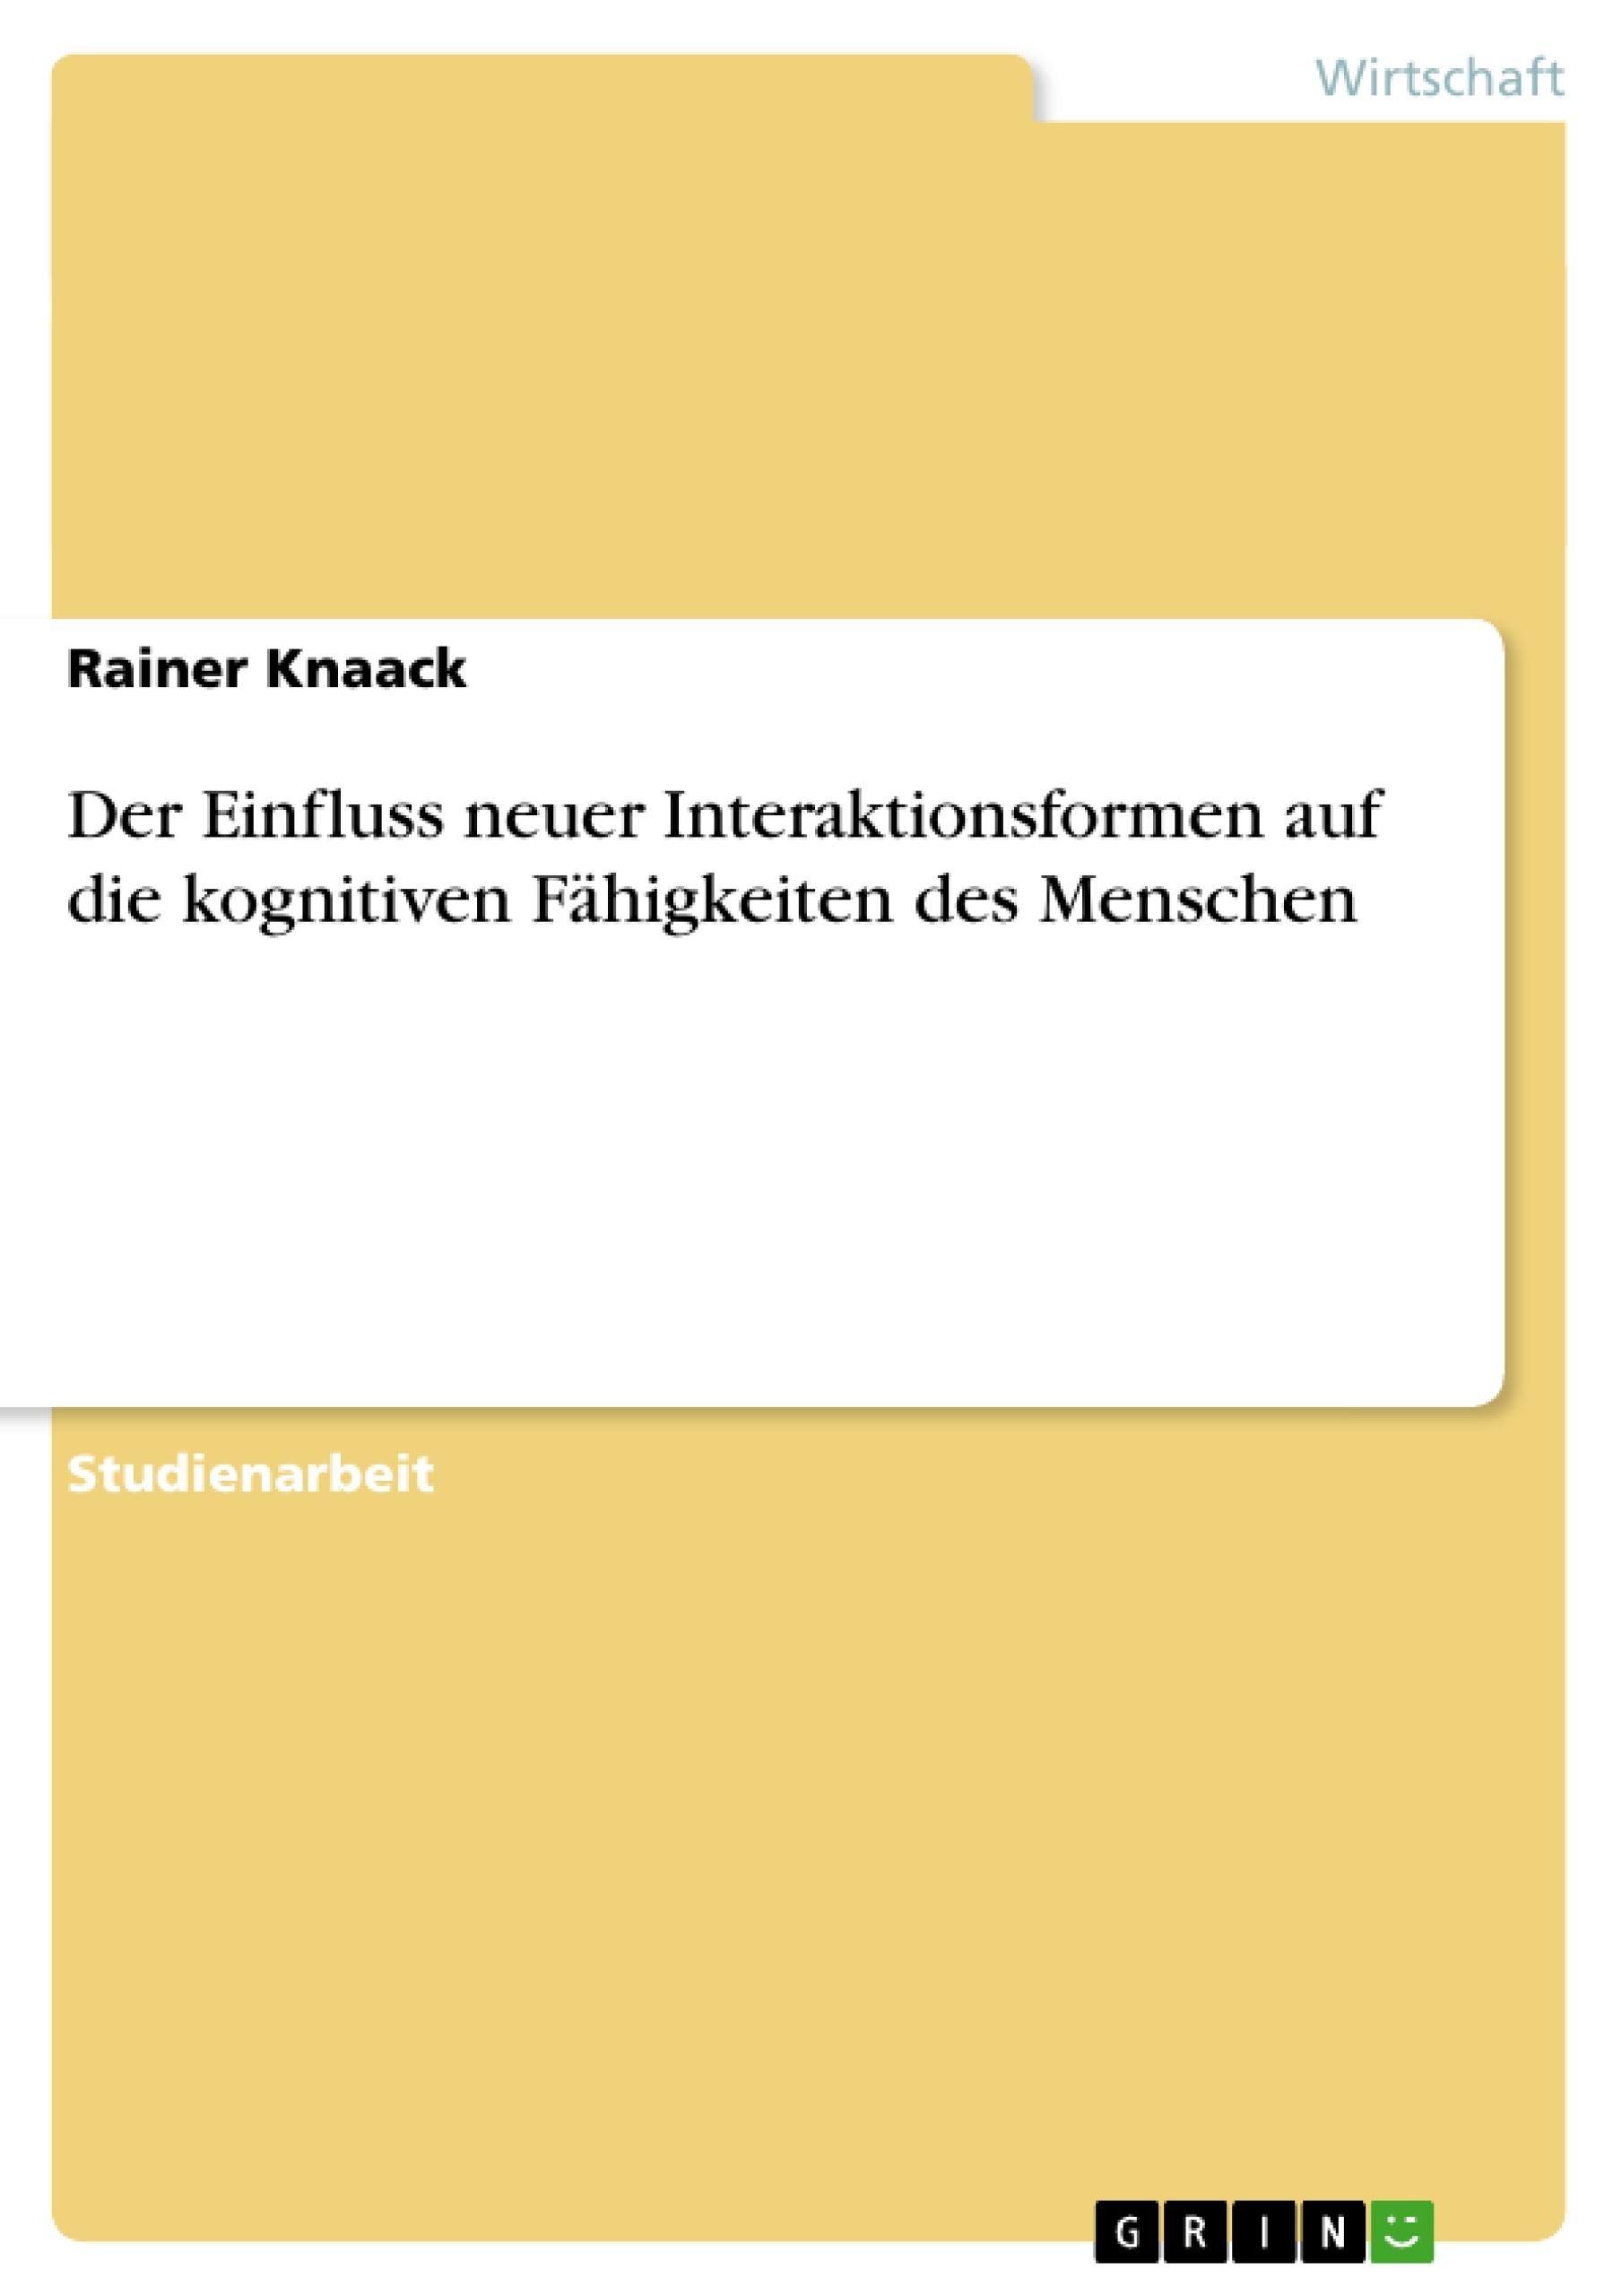 Titel: Der Einfluss neuer Interaktionsformen auf die kognitiven Fähigkeiten des Menschen